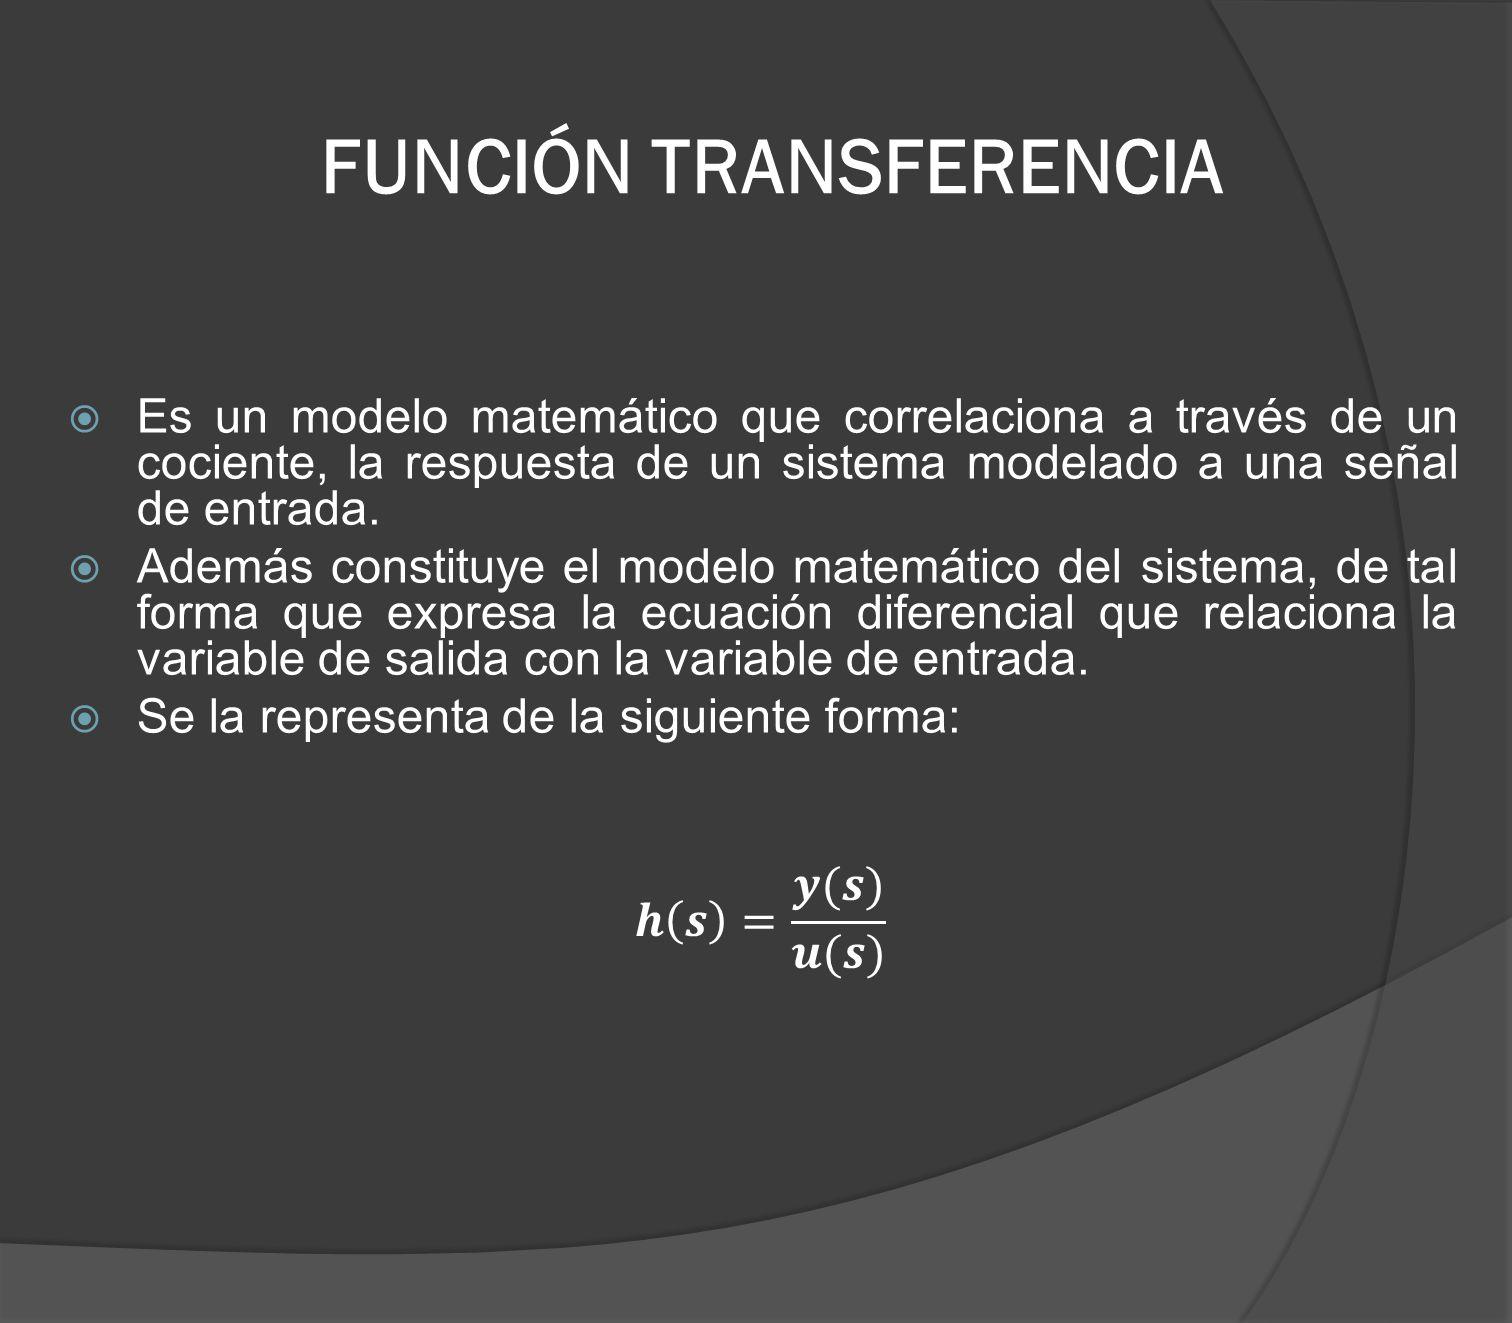 FUNCIÓN TRANSFERENCIA